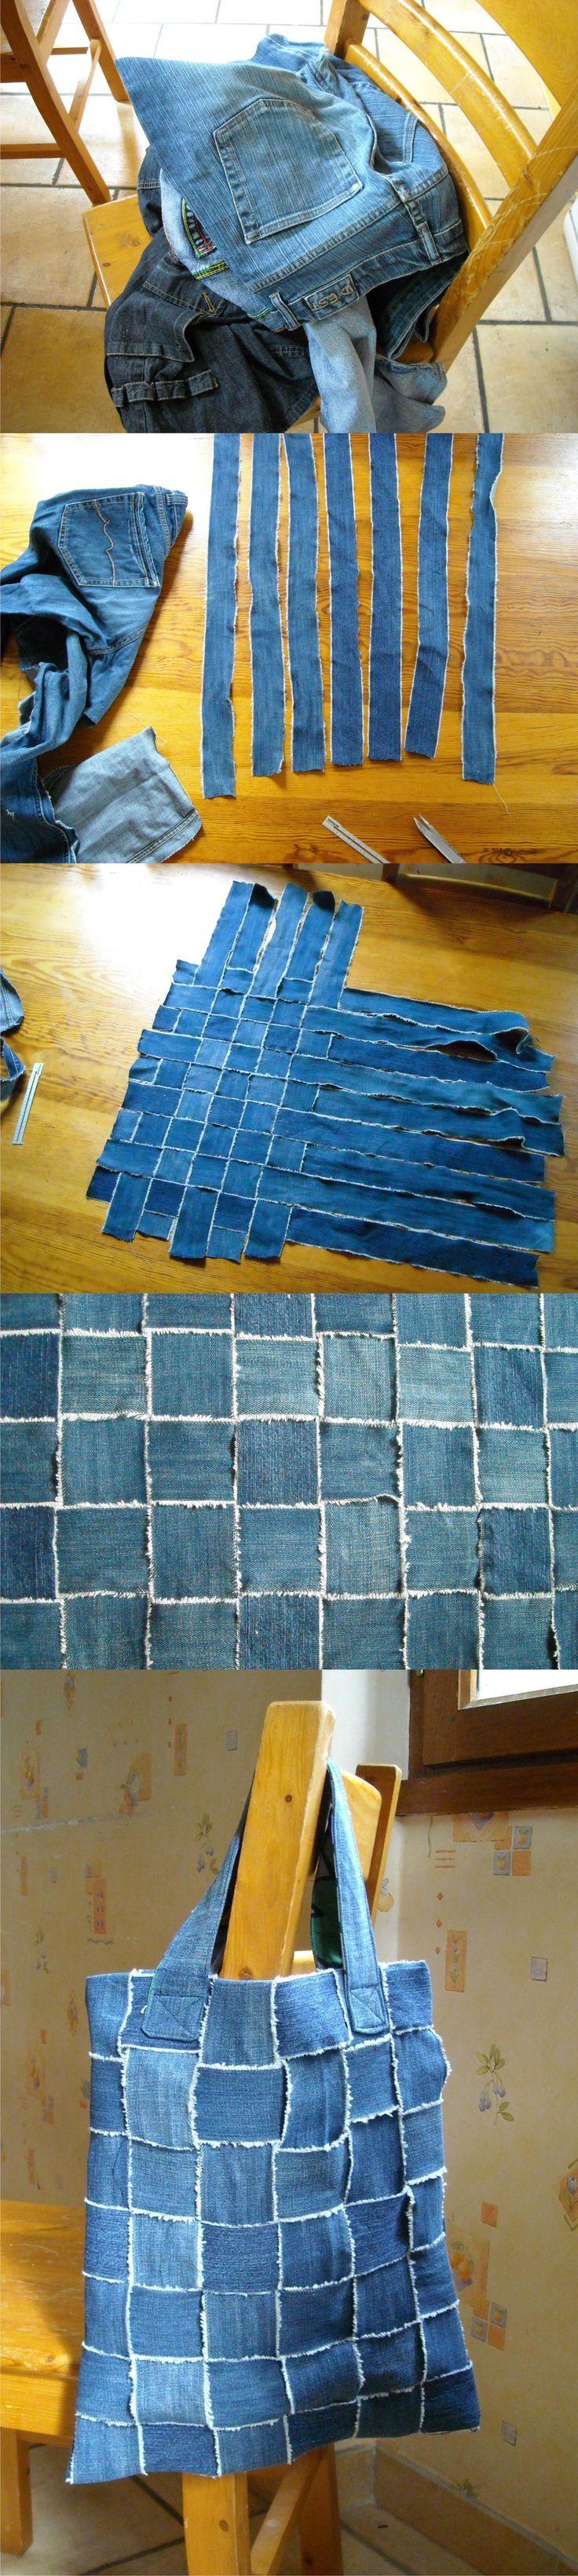 Riciclaggio del sacchetto di vecchi jeans: